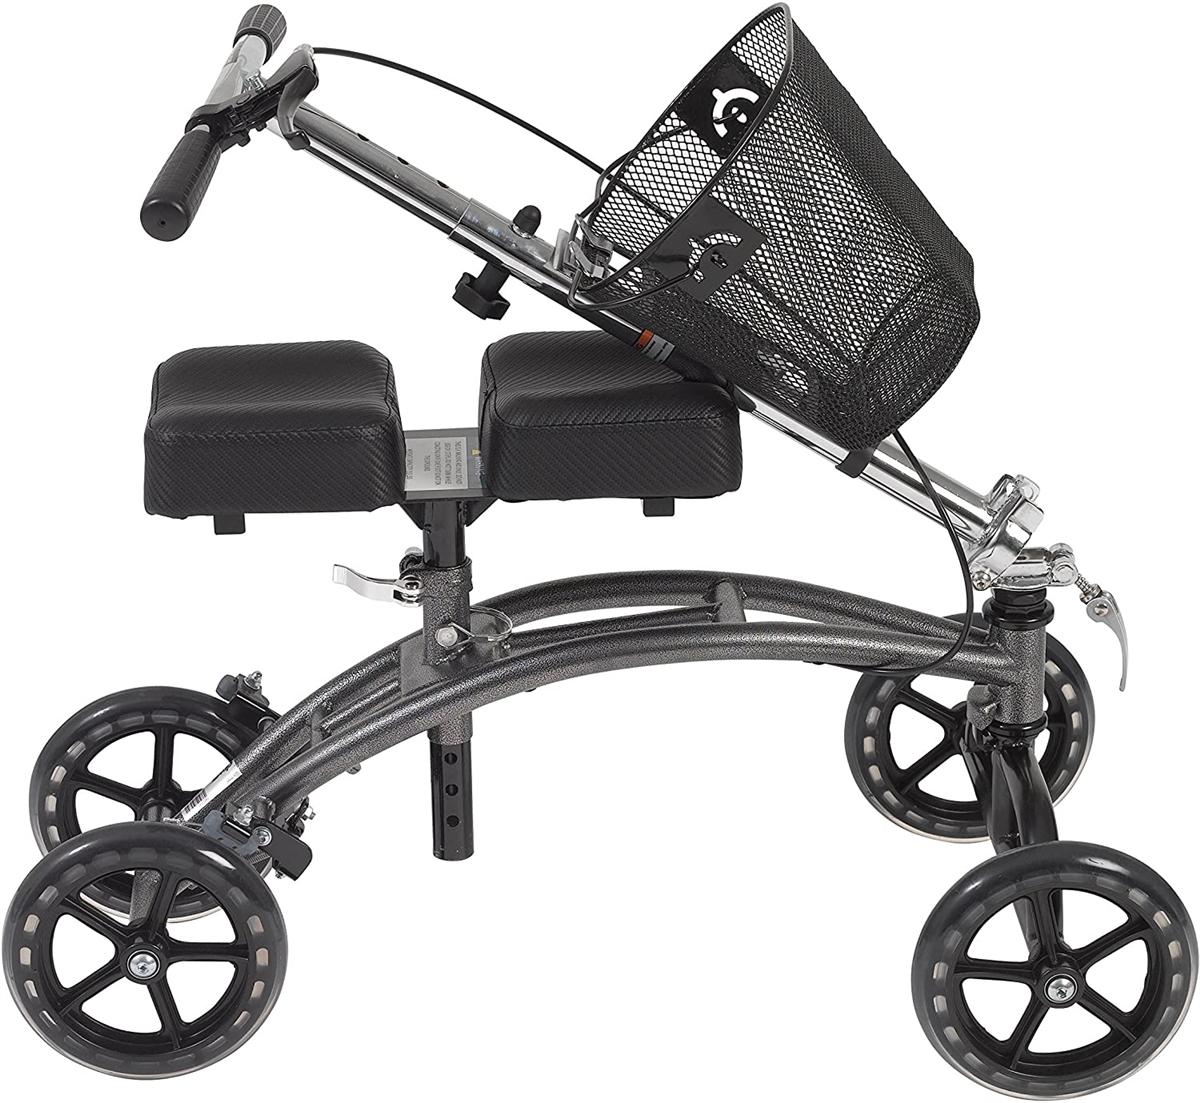 Dv8 steerable knee walker